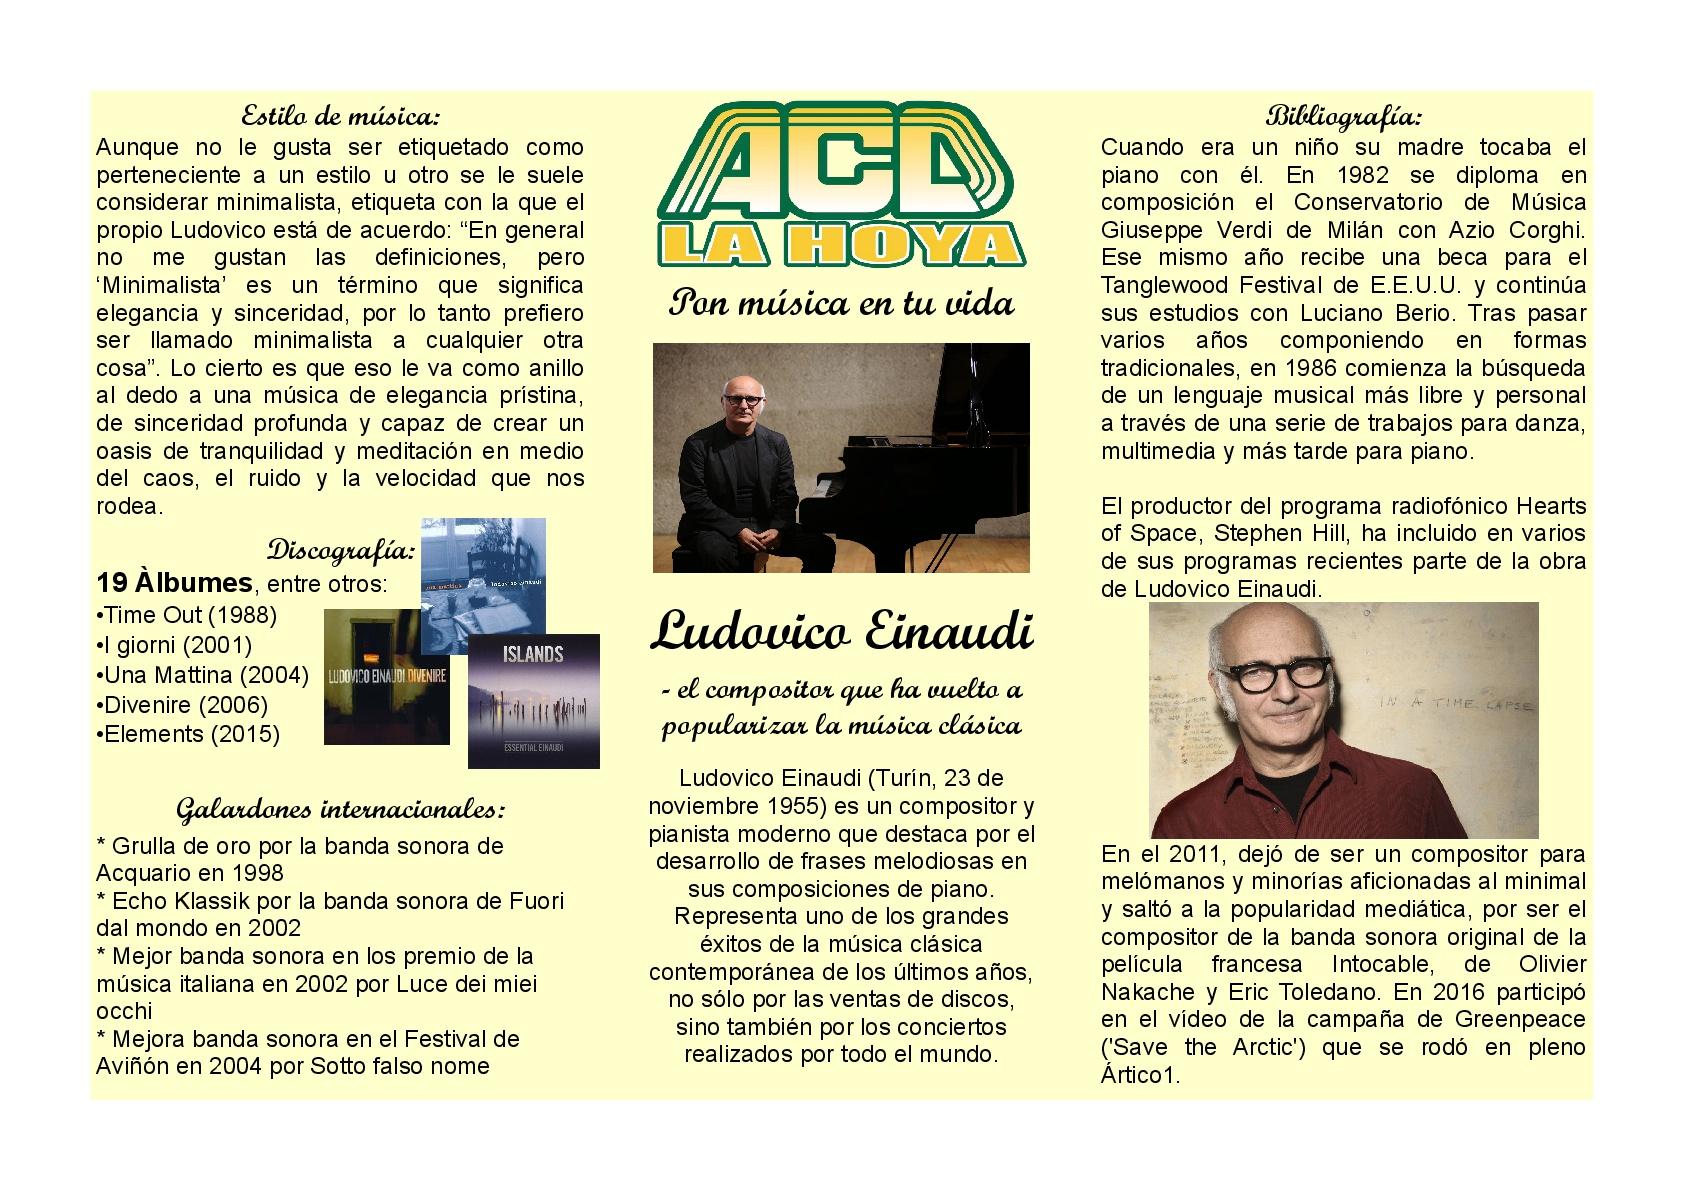 Ludovico-Einaudi-001